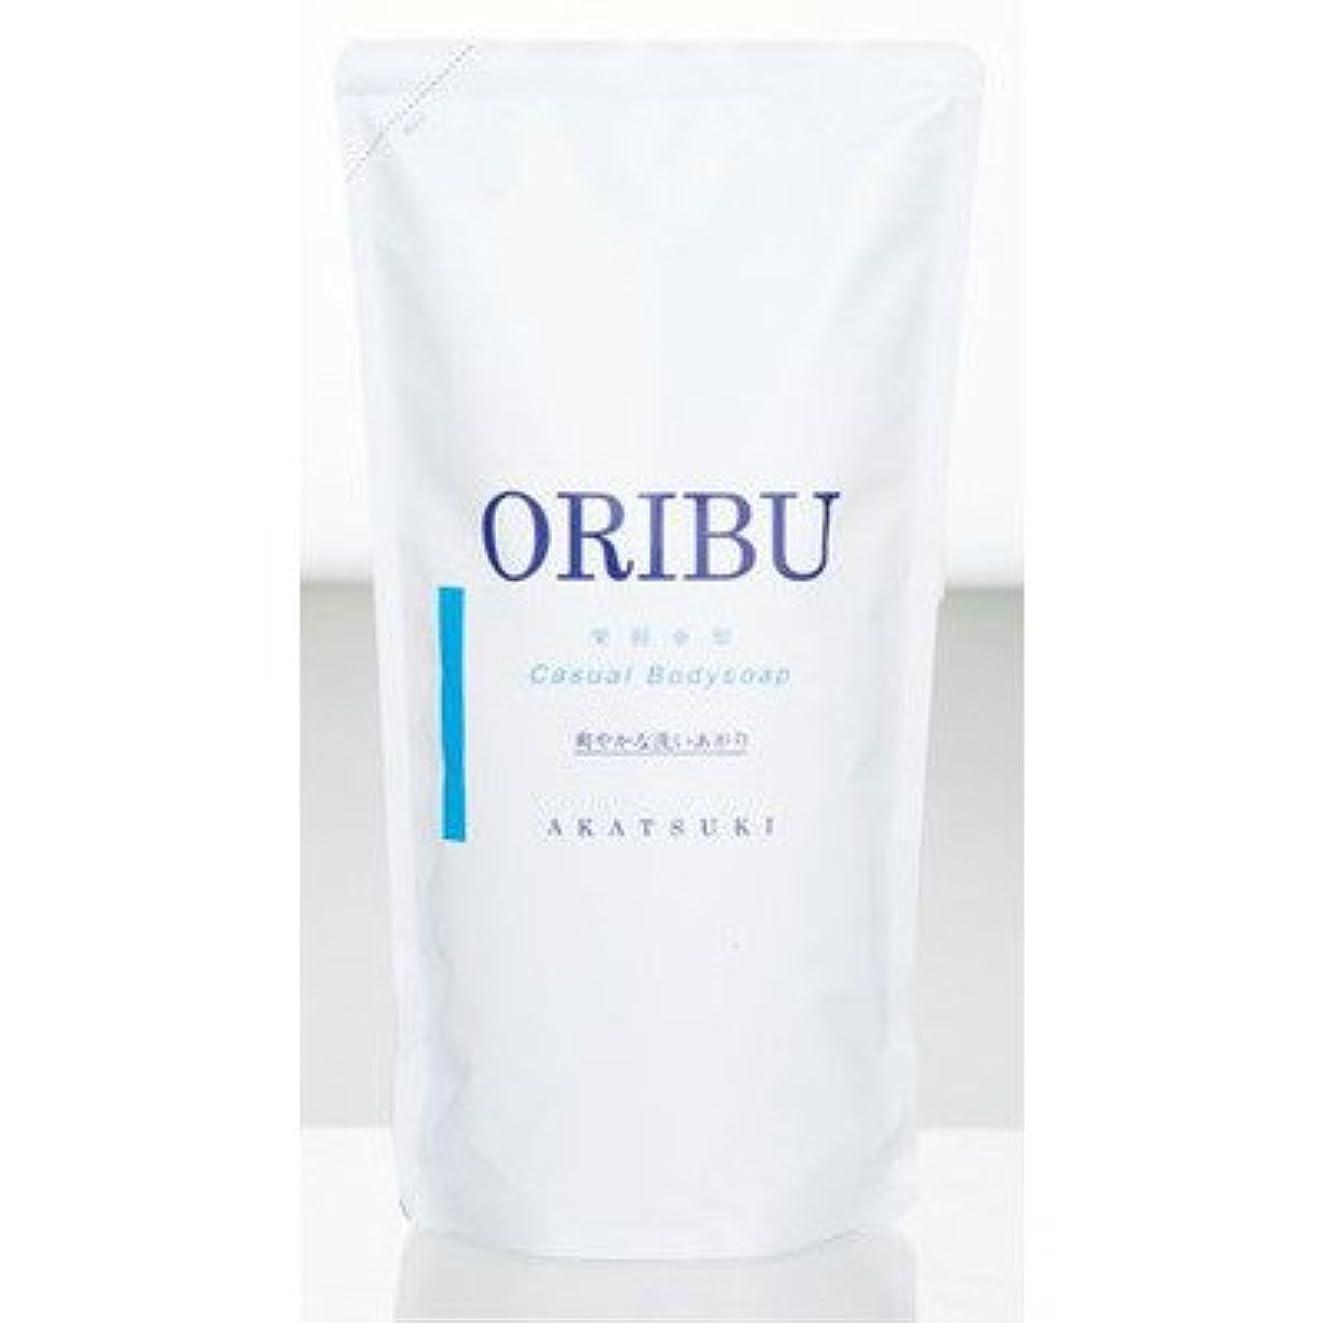 悪質な無視する六暁石鹸 ORIBU オリブ 果樹亜瑠 カジュアル ボディソープ 詰替用 700ml